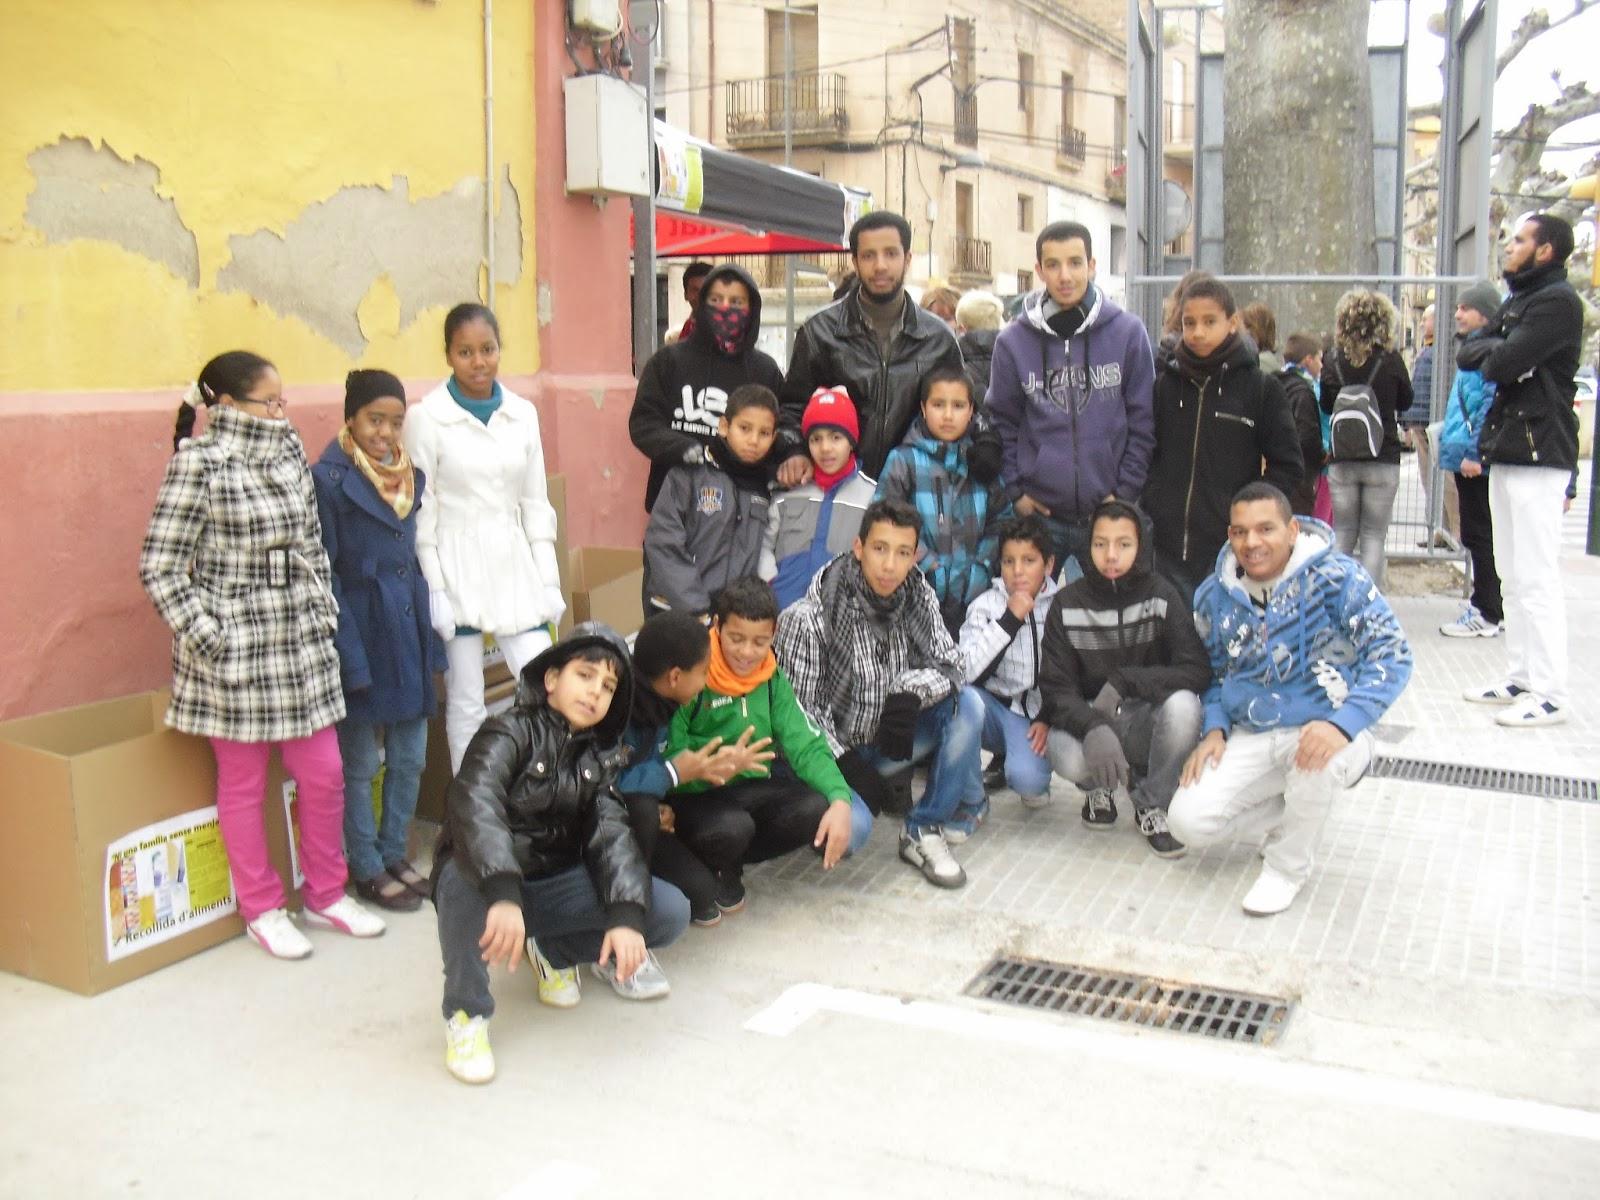 Los jóvenes de la comunidad islámica de Roquetes